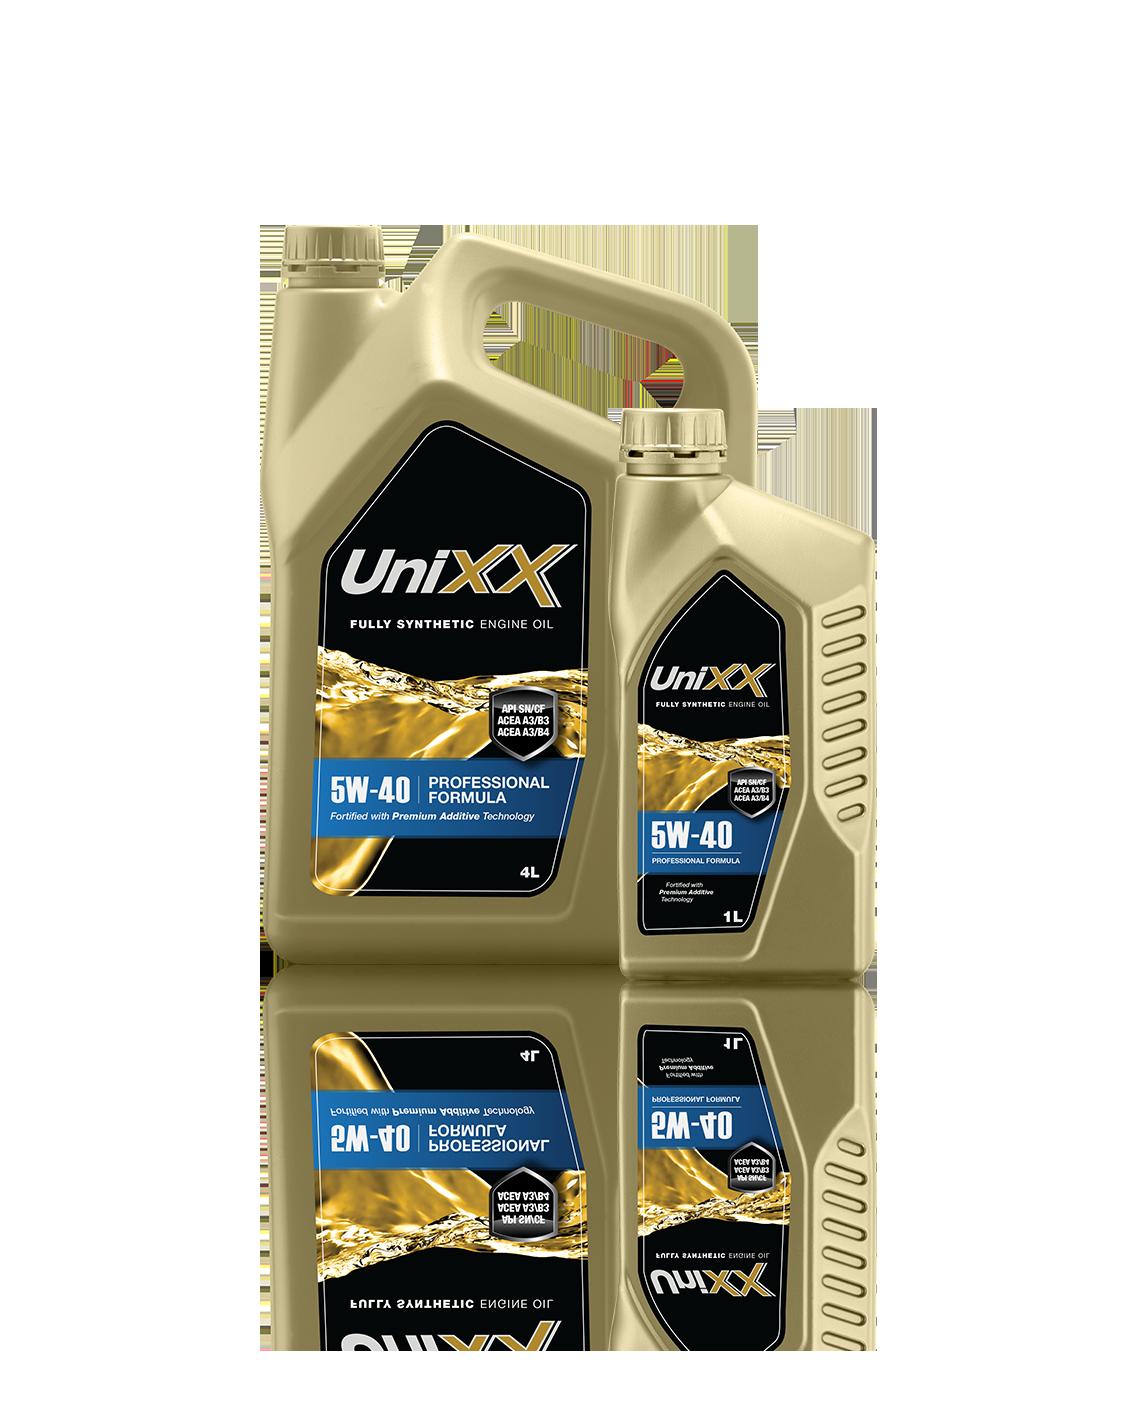 UniXX 5W-40 น้ำมันเครื่องสูตรสังเคราะห์แท้ ขนาด 4 ลิตร + แถมฟรี 1 ลิตร